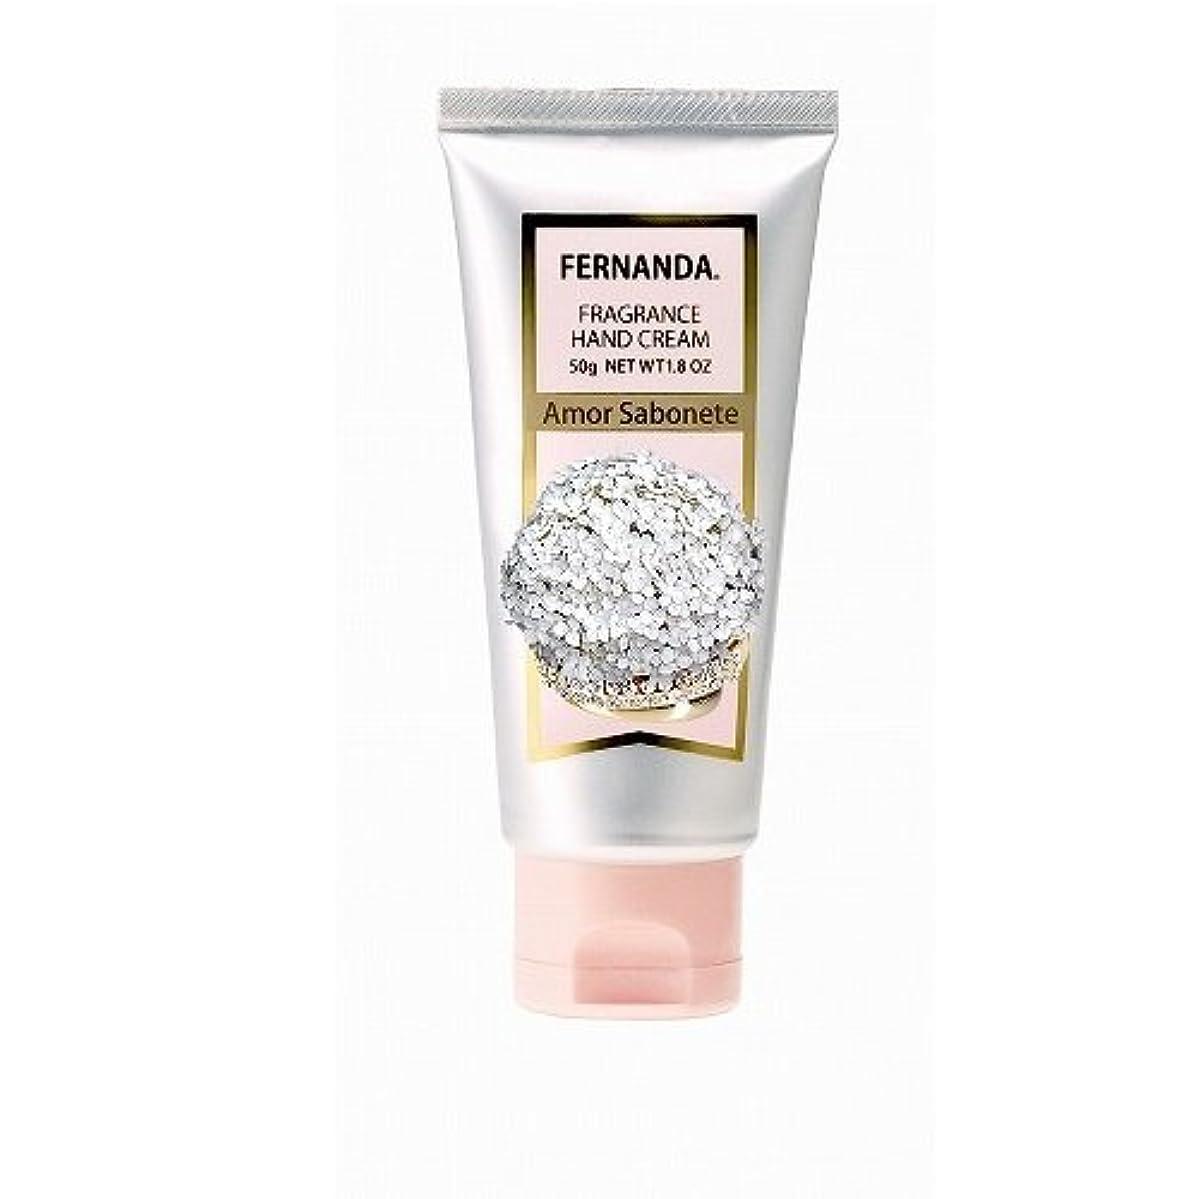 経営者落胆させる示すFERNANDA(フェルナンダ) Hand Cream Amor Sabonete (ハンド クリーム アモールサボネッテ)